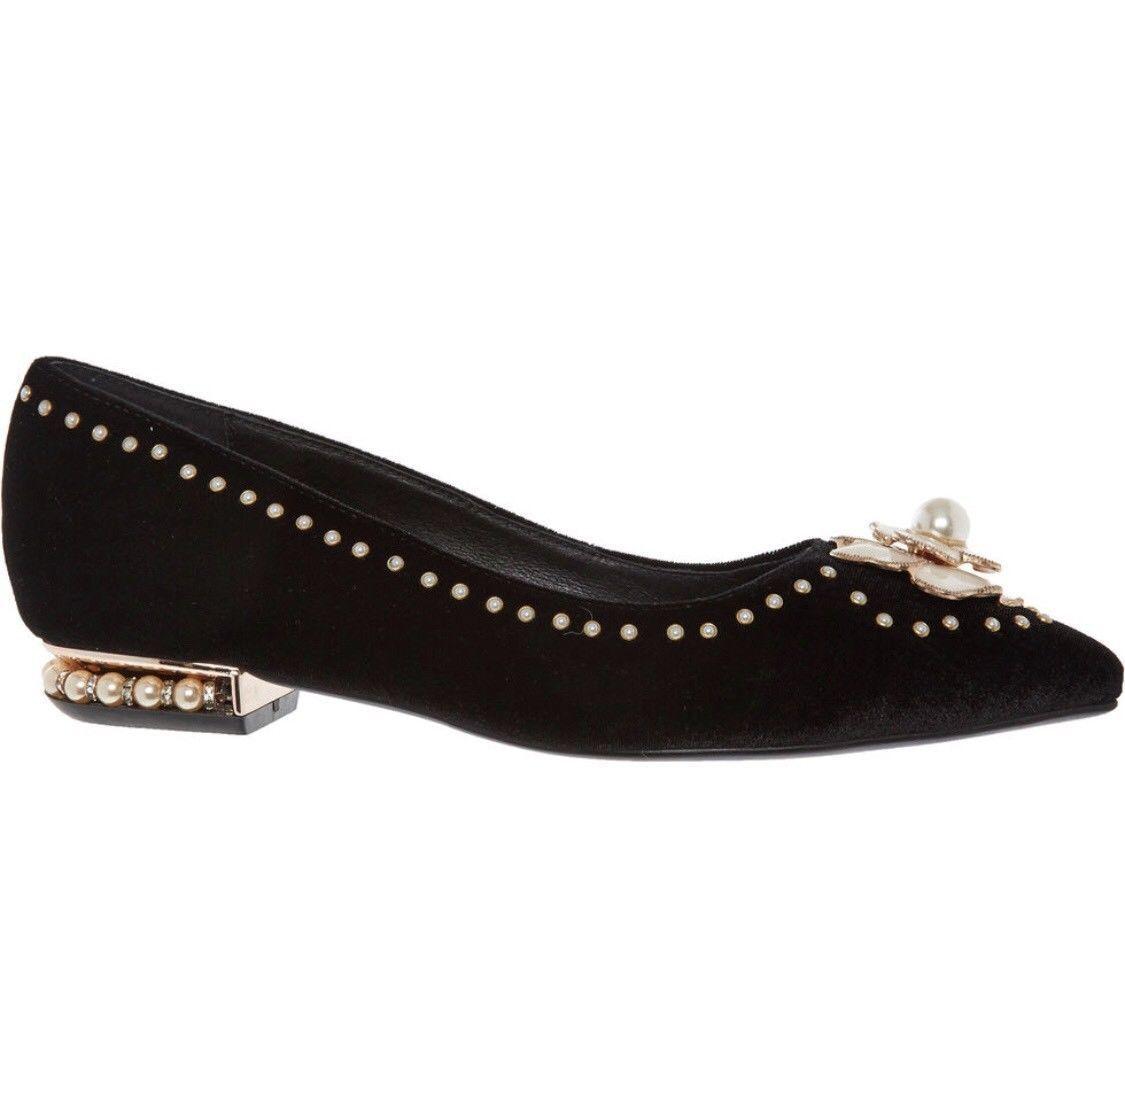 Jeffrey Campbell Black Velvet Flat shoes Size 5 EU 38   Brand New